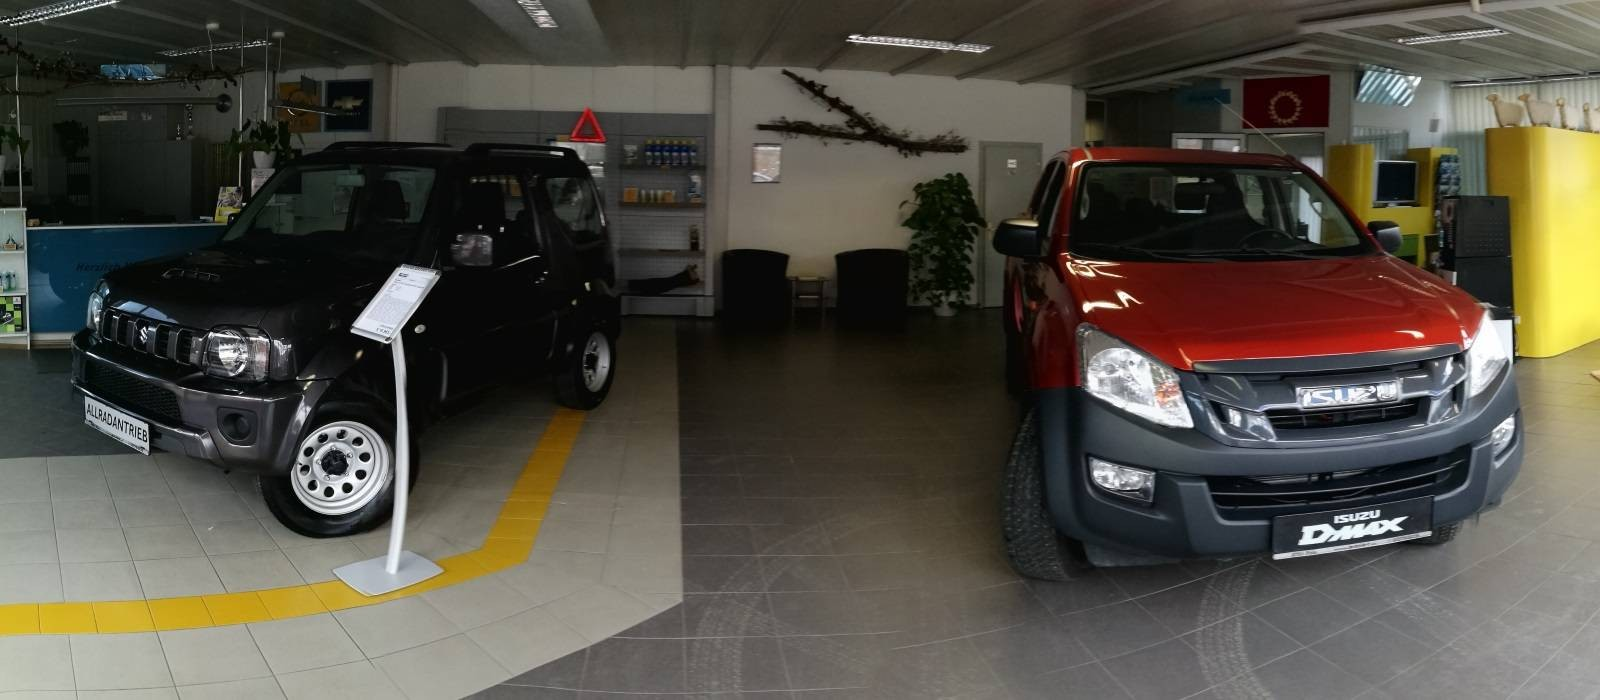 Fühlen Sie sich wohl bei uns bei Autohaus Poier GmbH & Co KG in Ihre Fahrzeugfamilie